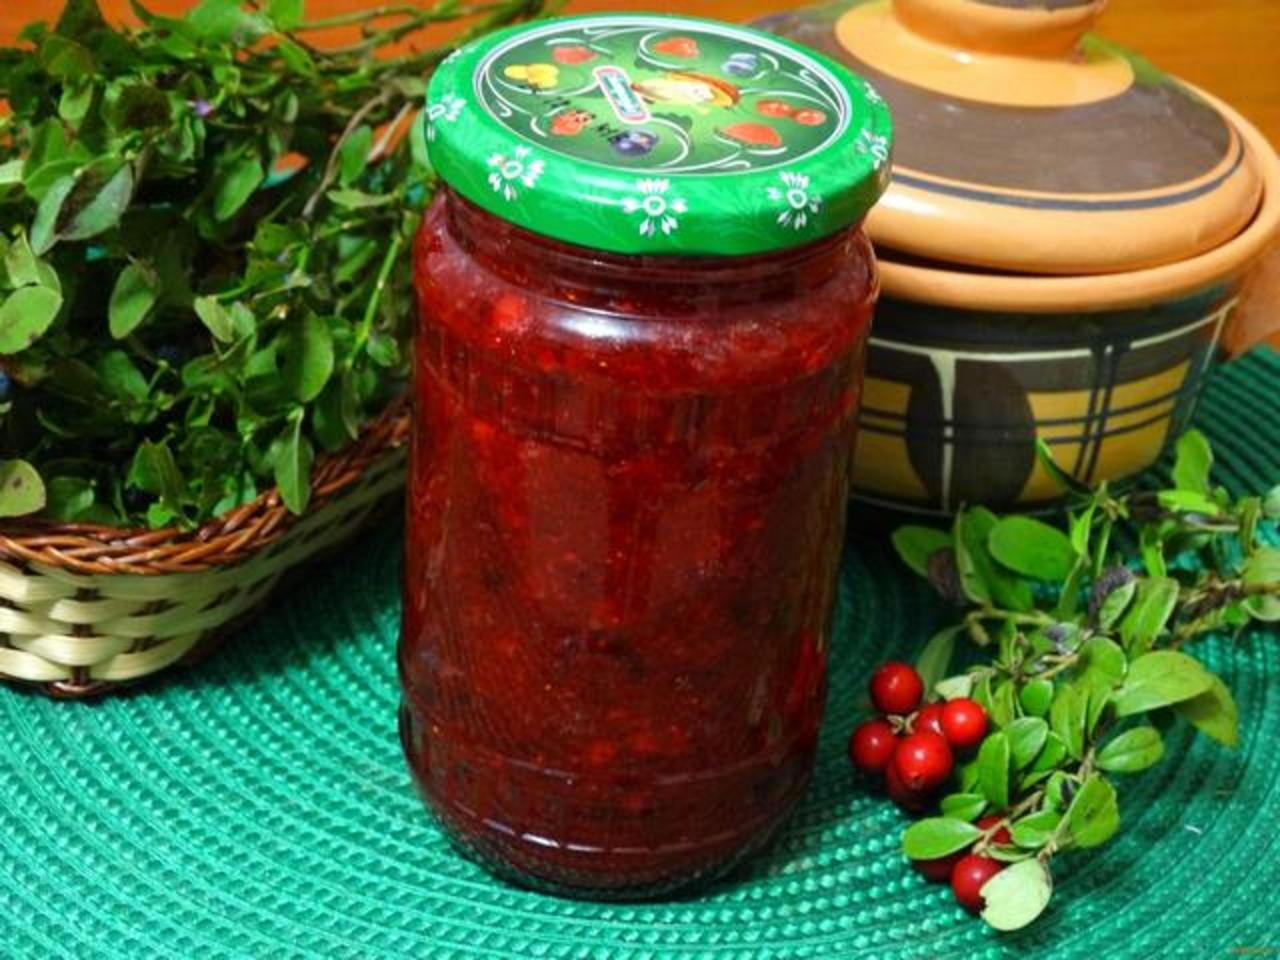 ТОП 10 рецептов моченой брусники на зиму, в домашних условиях, холодным и горячим способом